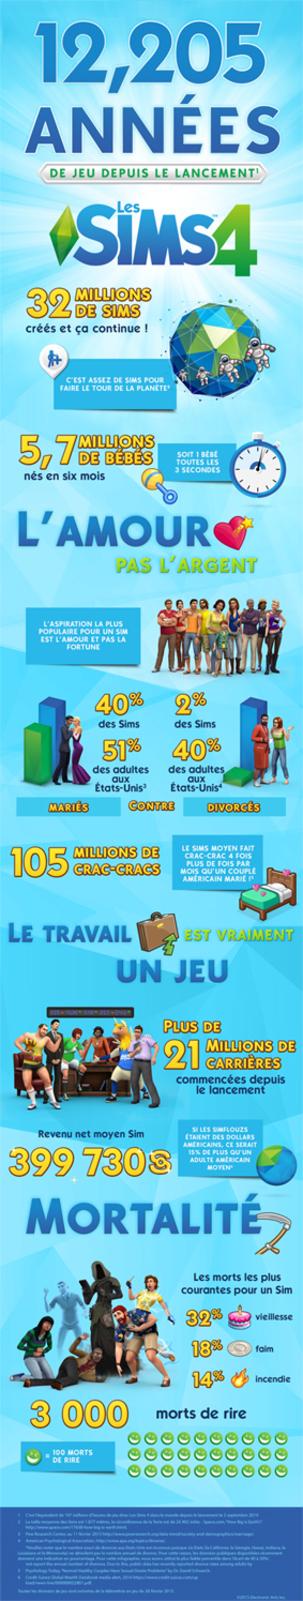 Les Sims en quelques chiffres